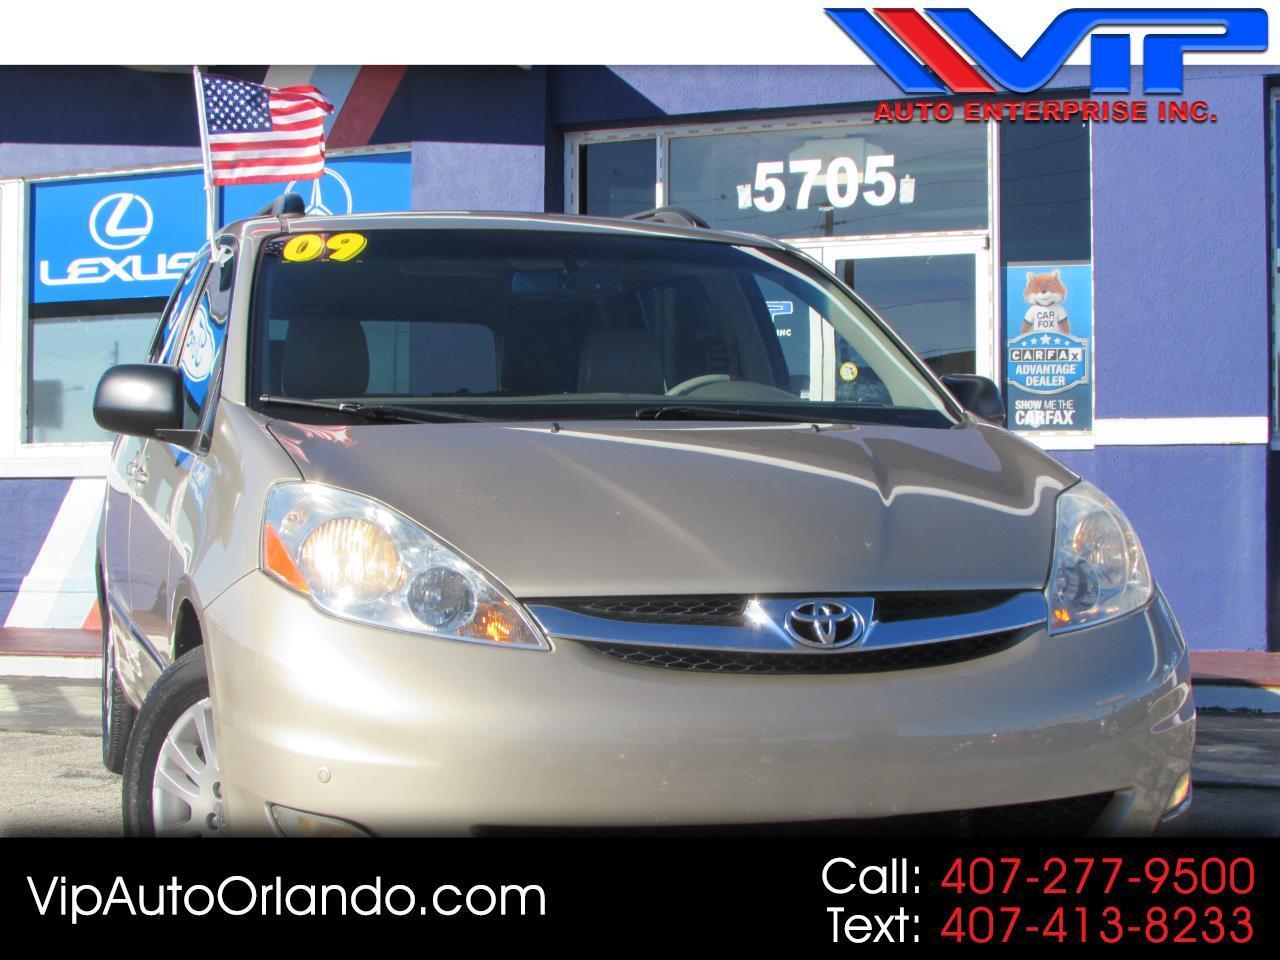 2009 Toyota Sienna 5dr 7-Pass Van XLE Ltd FWD (Natl)